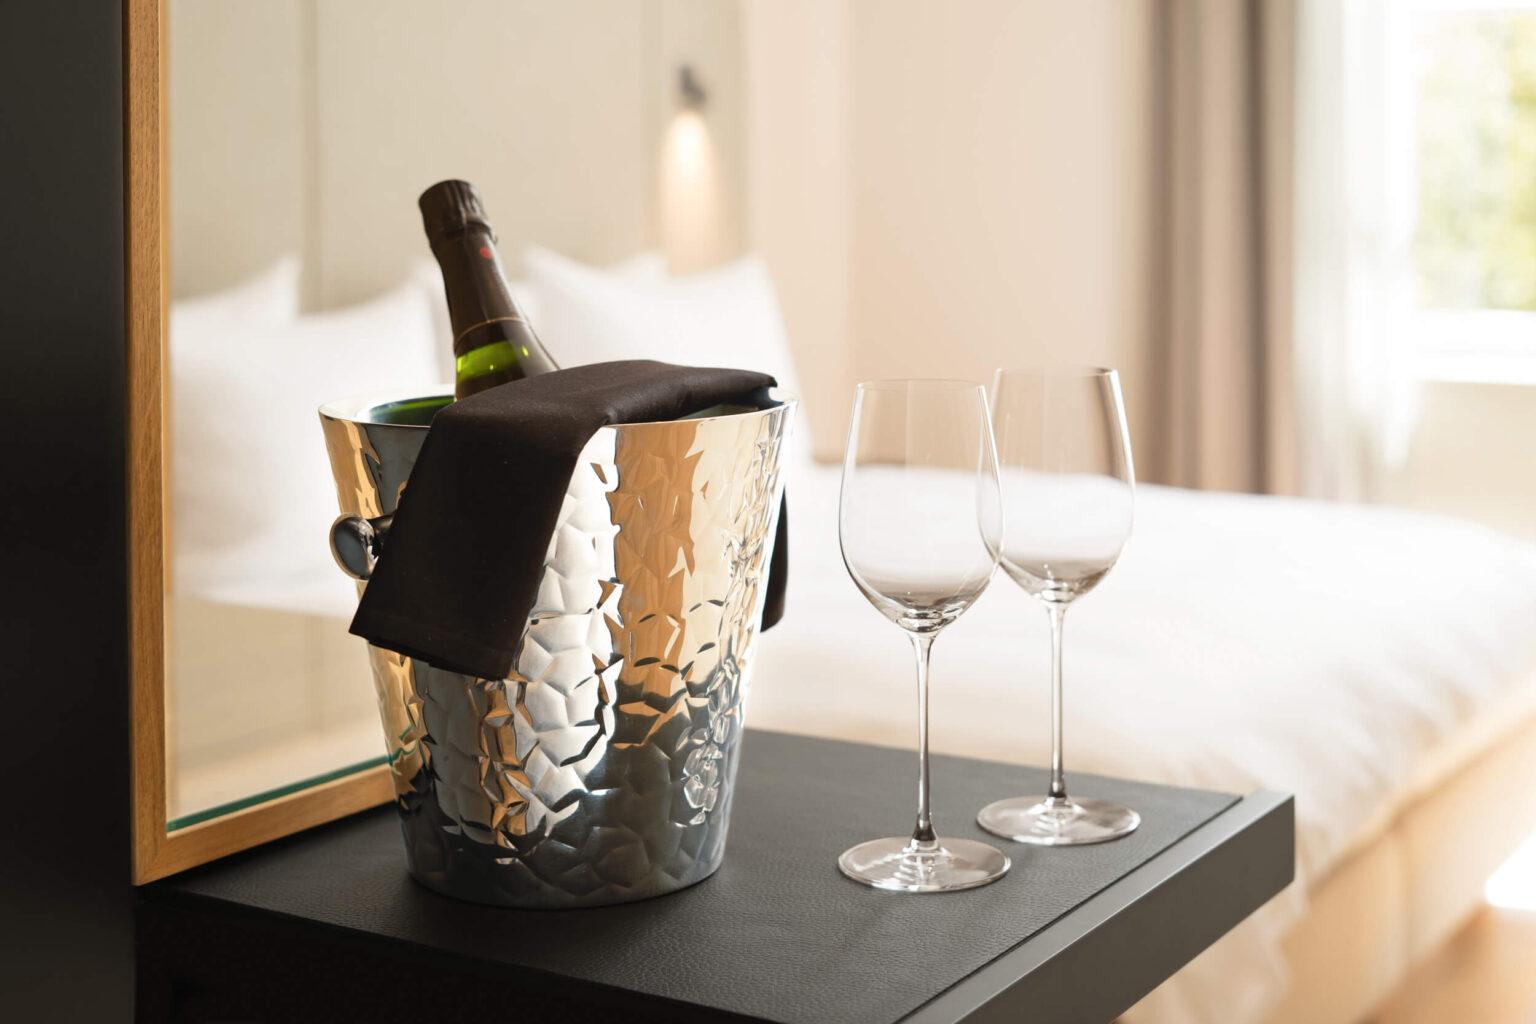 Hotelzimmer mit Champagner und Weinglaesern. Es zeigt im Vordergrund eine gekühlte Flasche Champagner mit zwei Weinglaesern auf einer dunklen Ablage. Im Hintergrund ist das Hotelzimmer unscharf zu sehen mit einem grossen Fenster mit Blick ins Gruene rechts im Hintergrund und einem Doppelbett mit Kissen auf der linken Seite. Die Datei ist ein Foto im JPEG-Format.